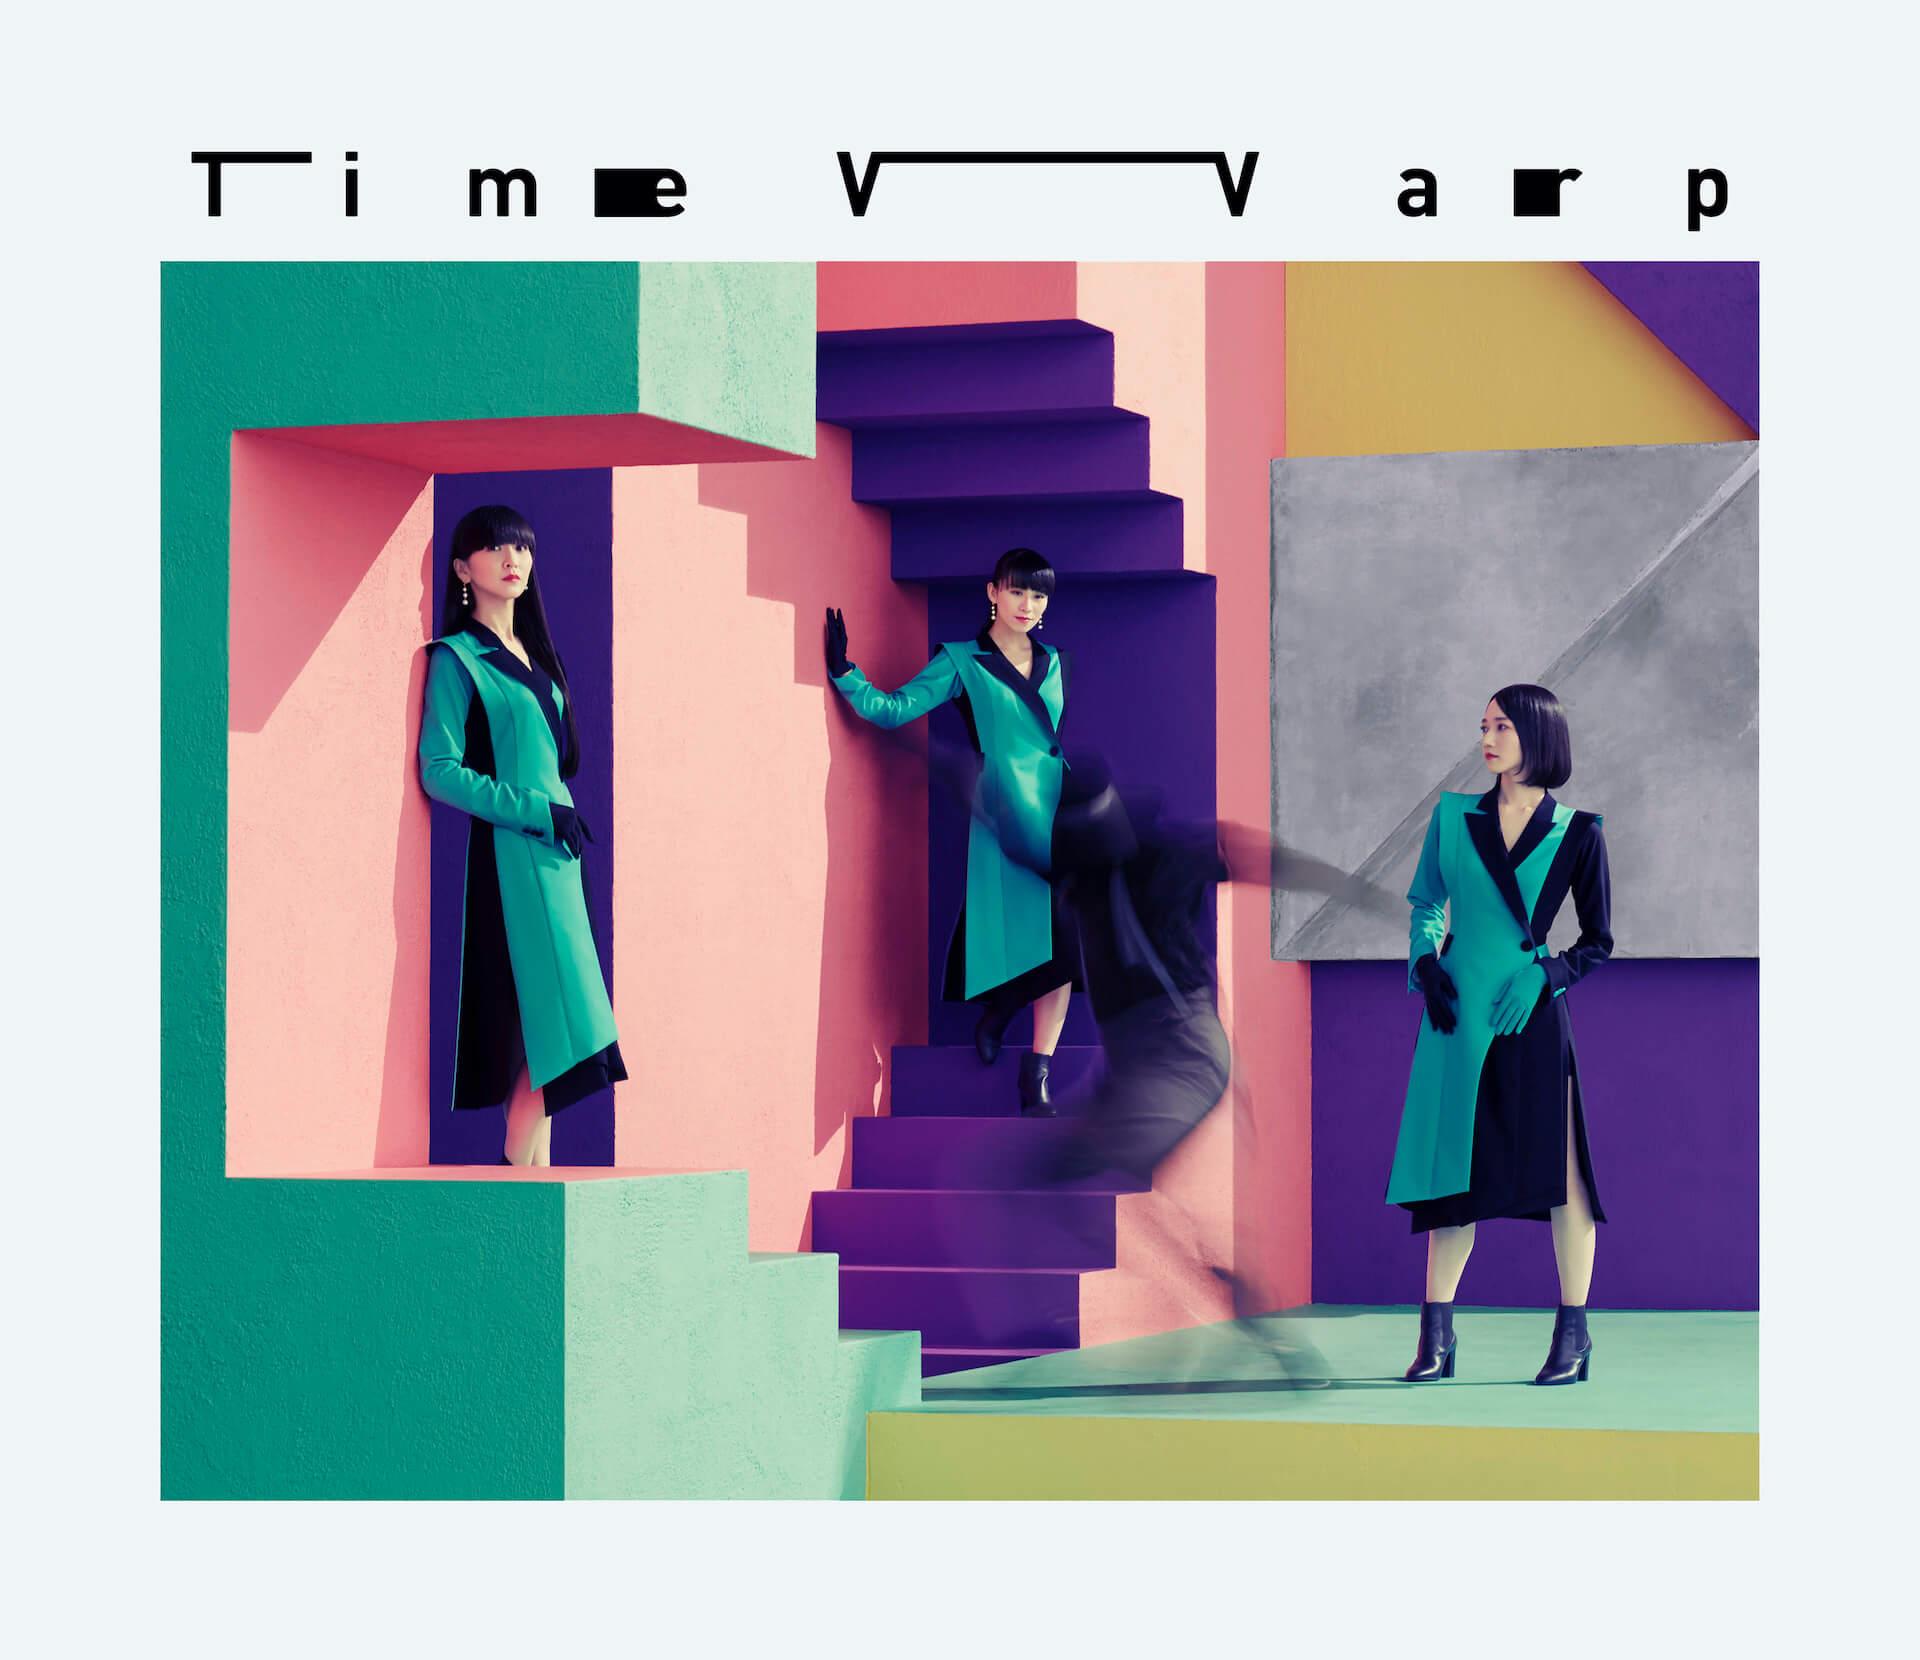 """Perfumeがニューシングル""""Time Warp""""のショートMVを本日解禁!80年代テイストの世界観に music2020910-perfume1"""